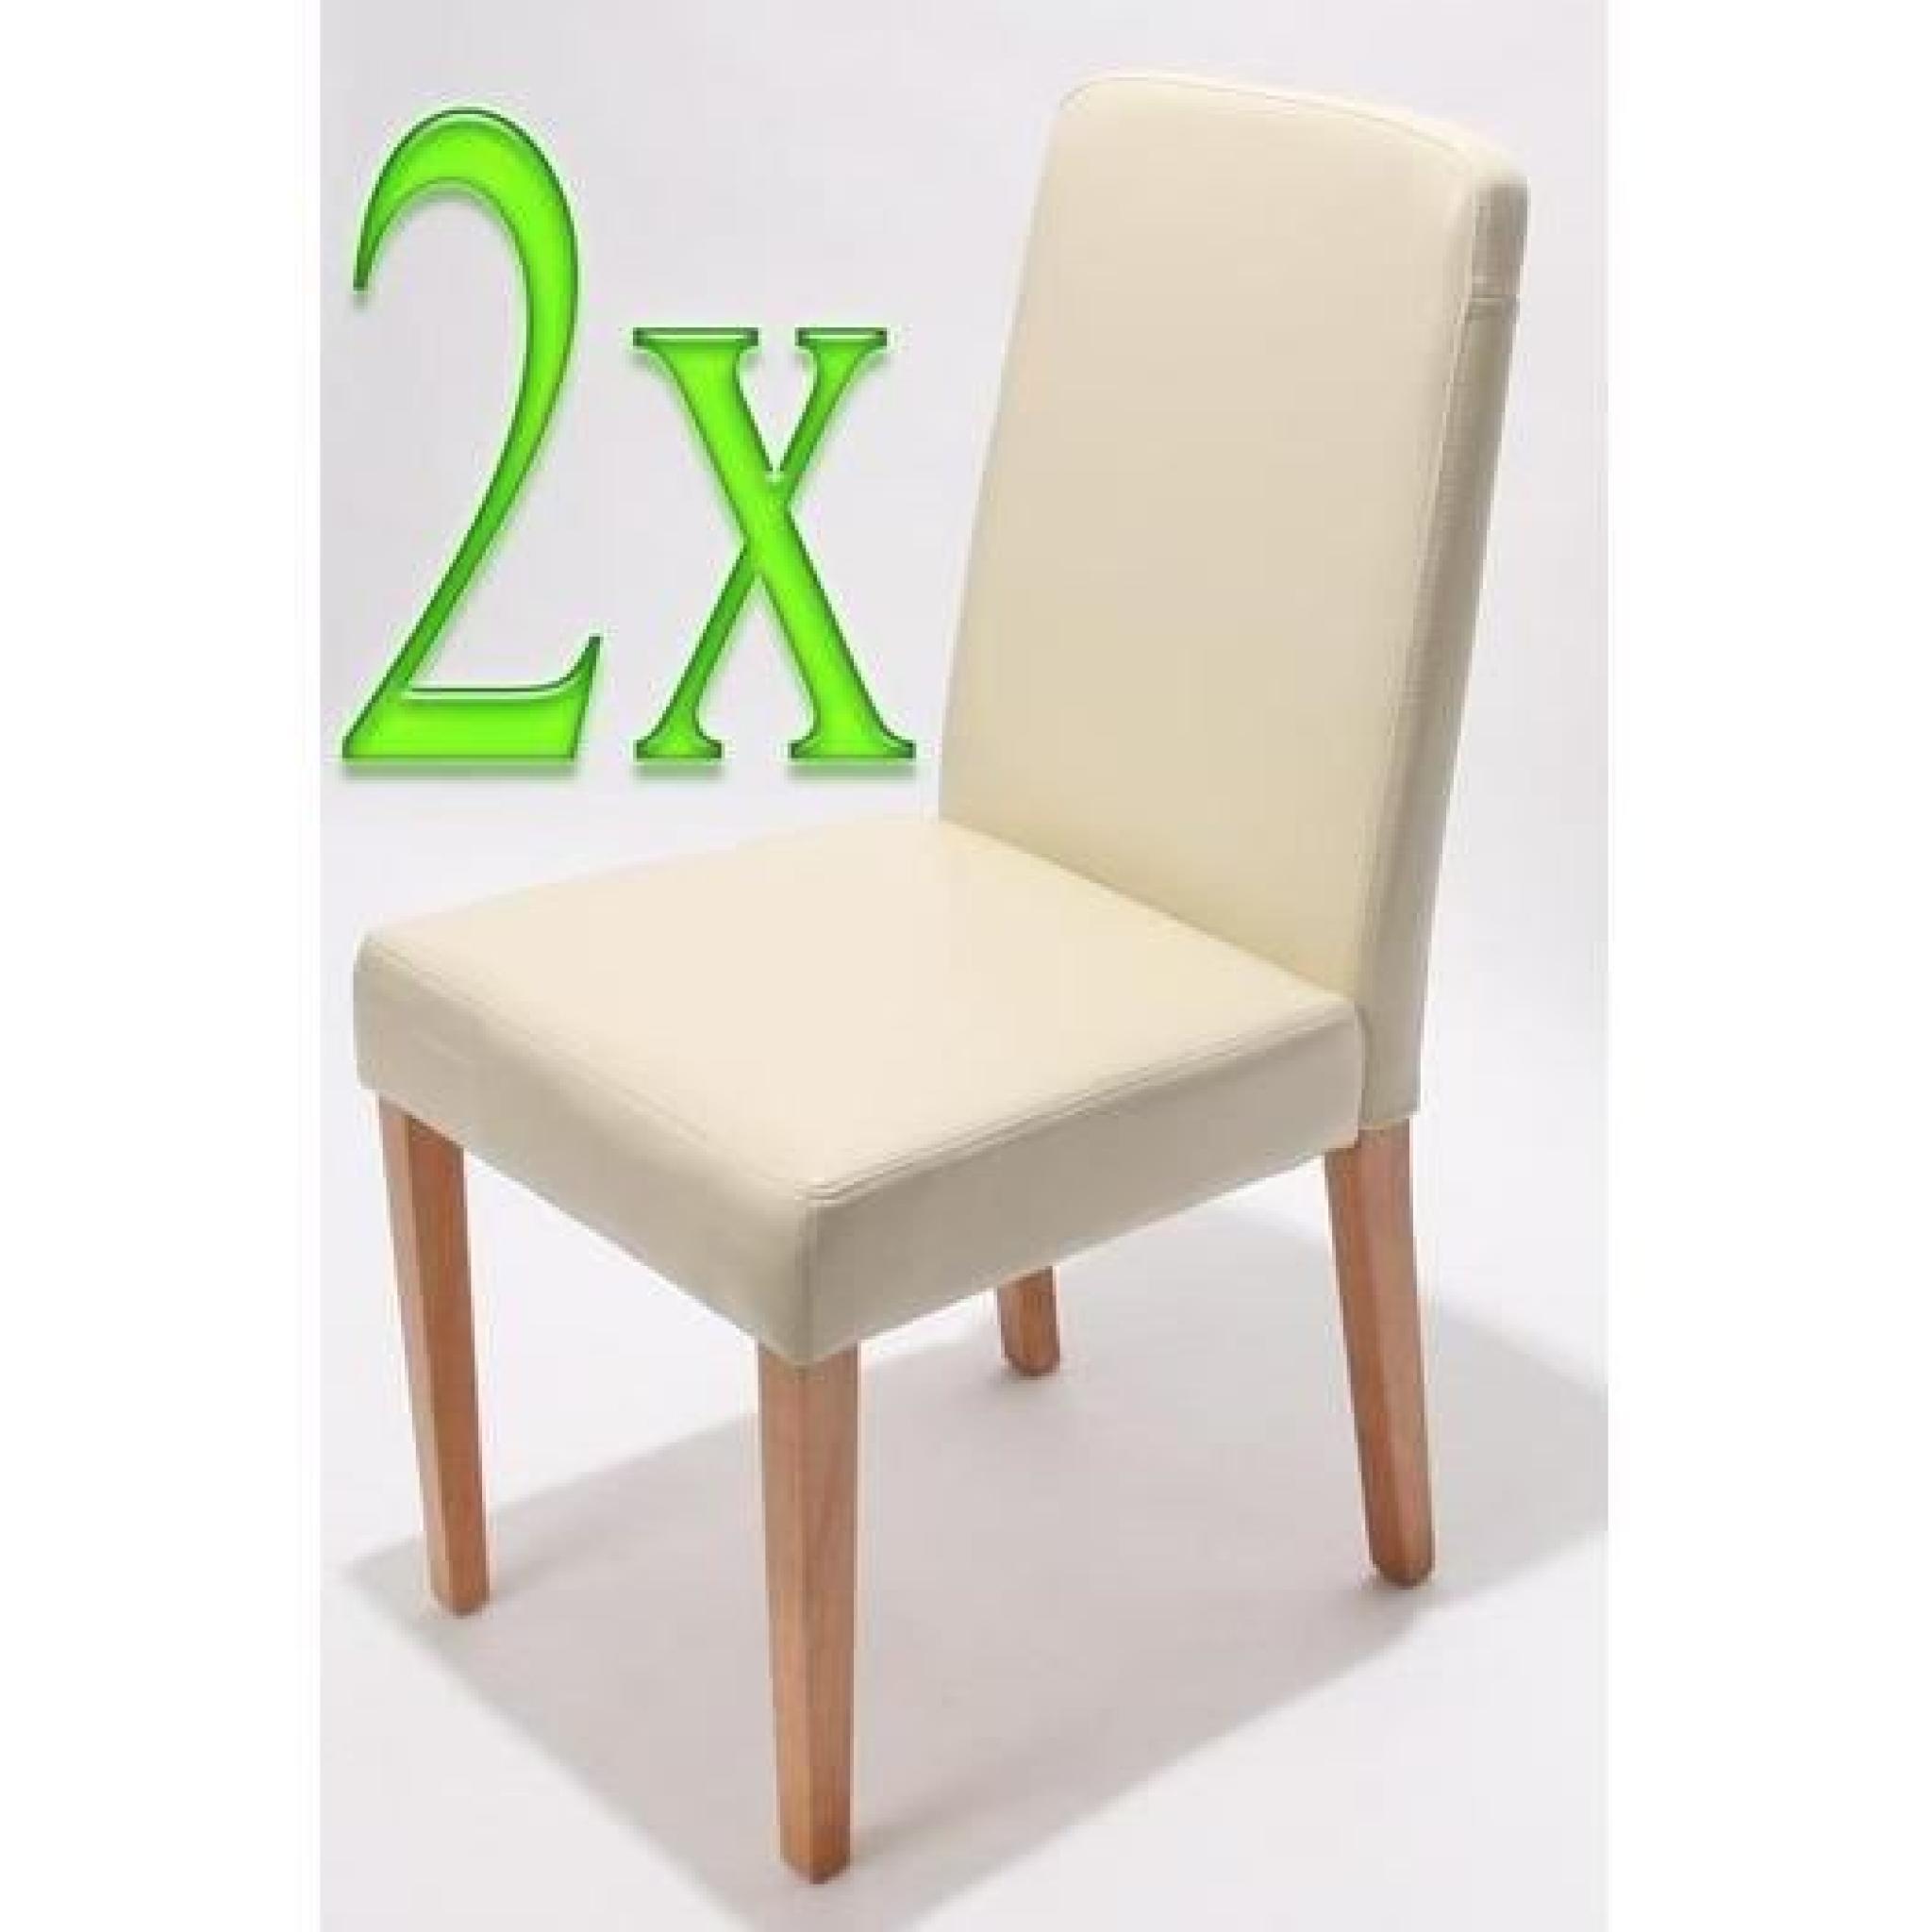 Chaises de salle manger lot de 2 ancona cr me achat for Chaise salle a manger couleur